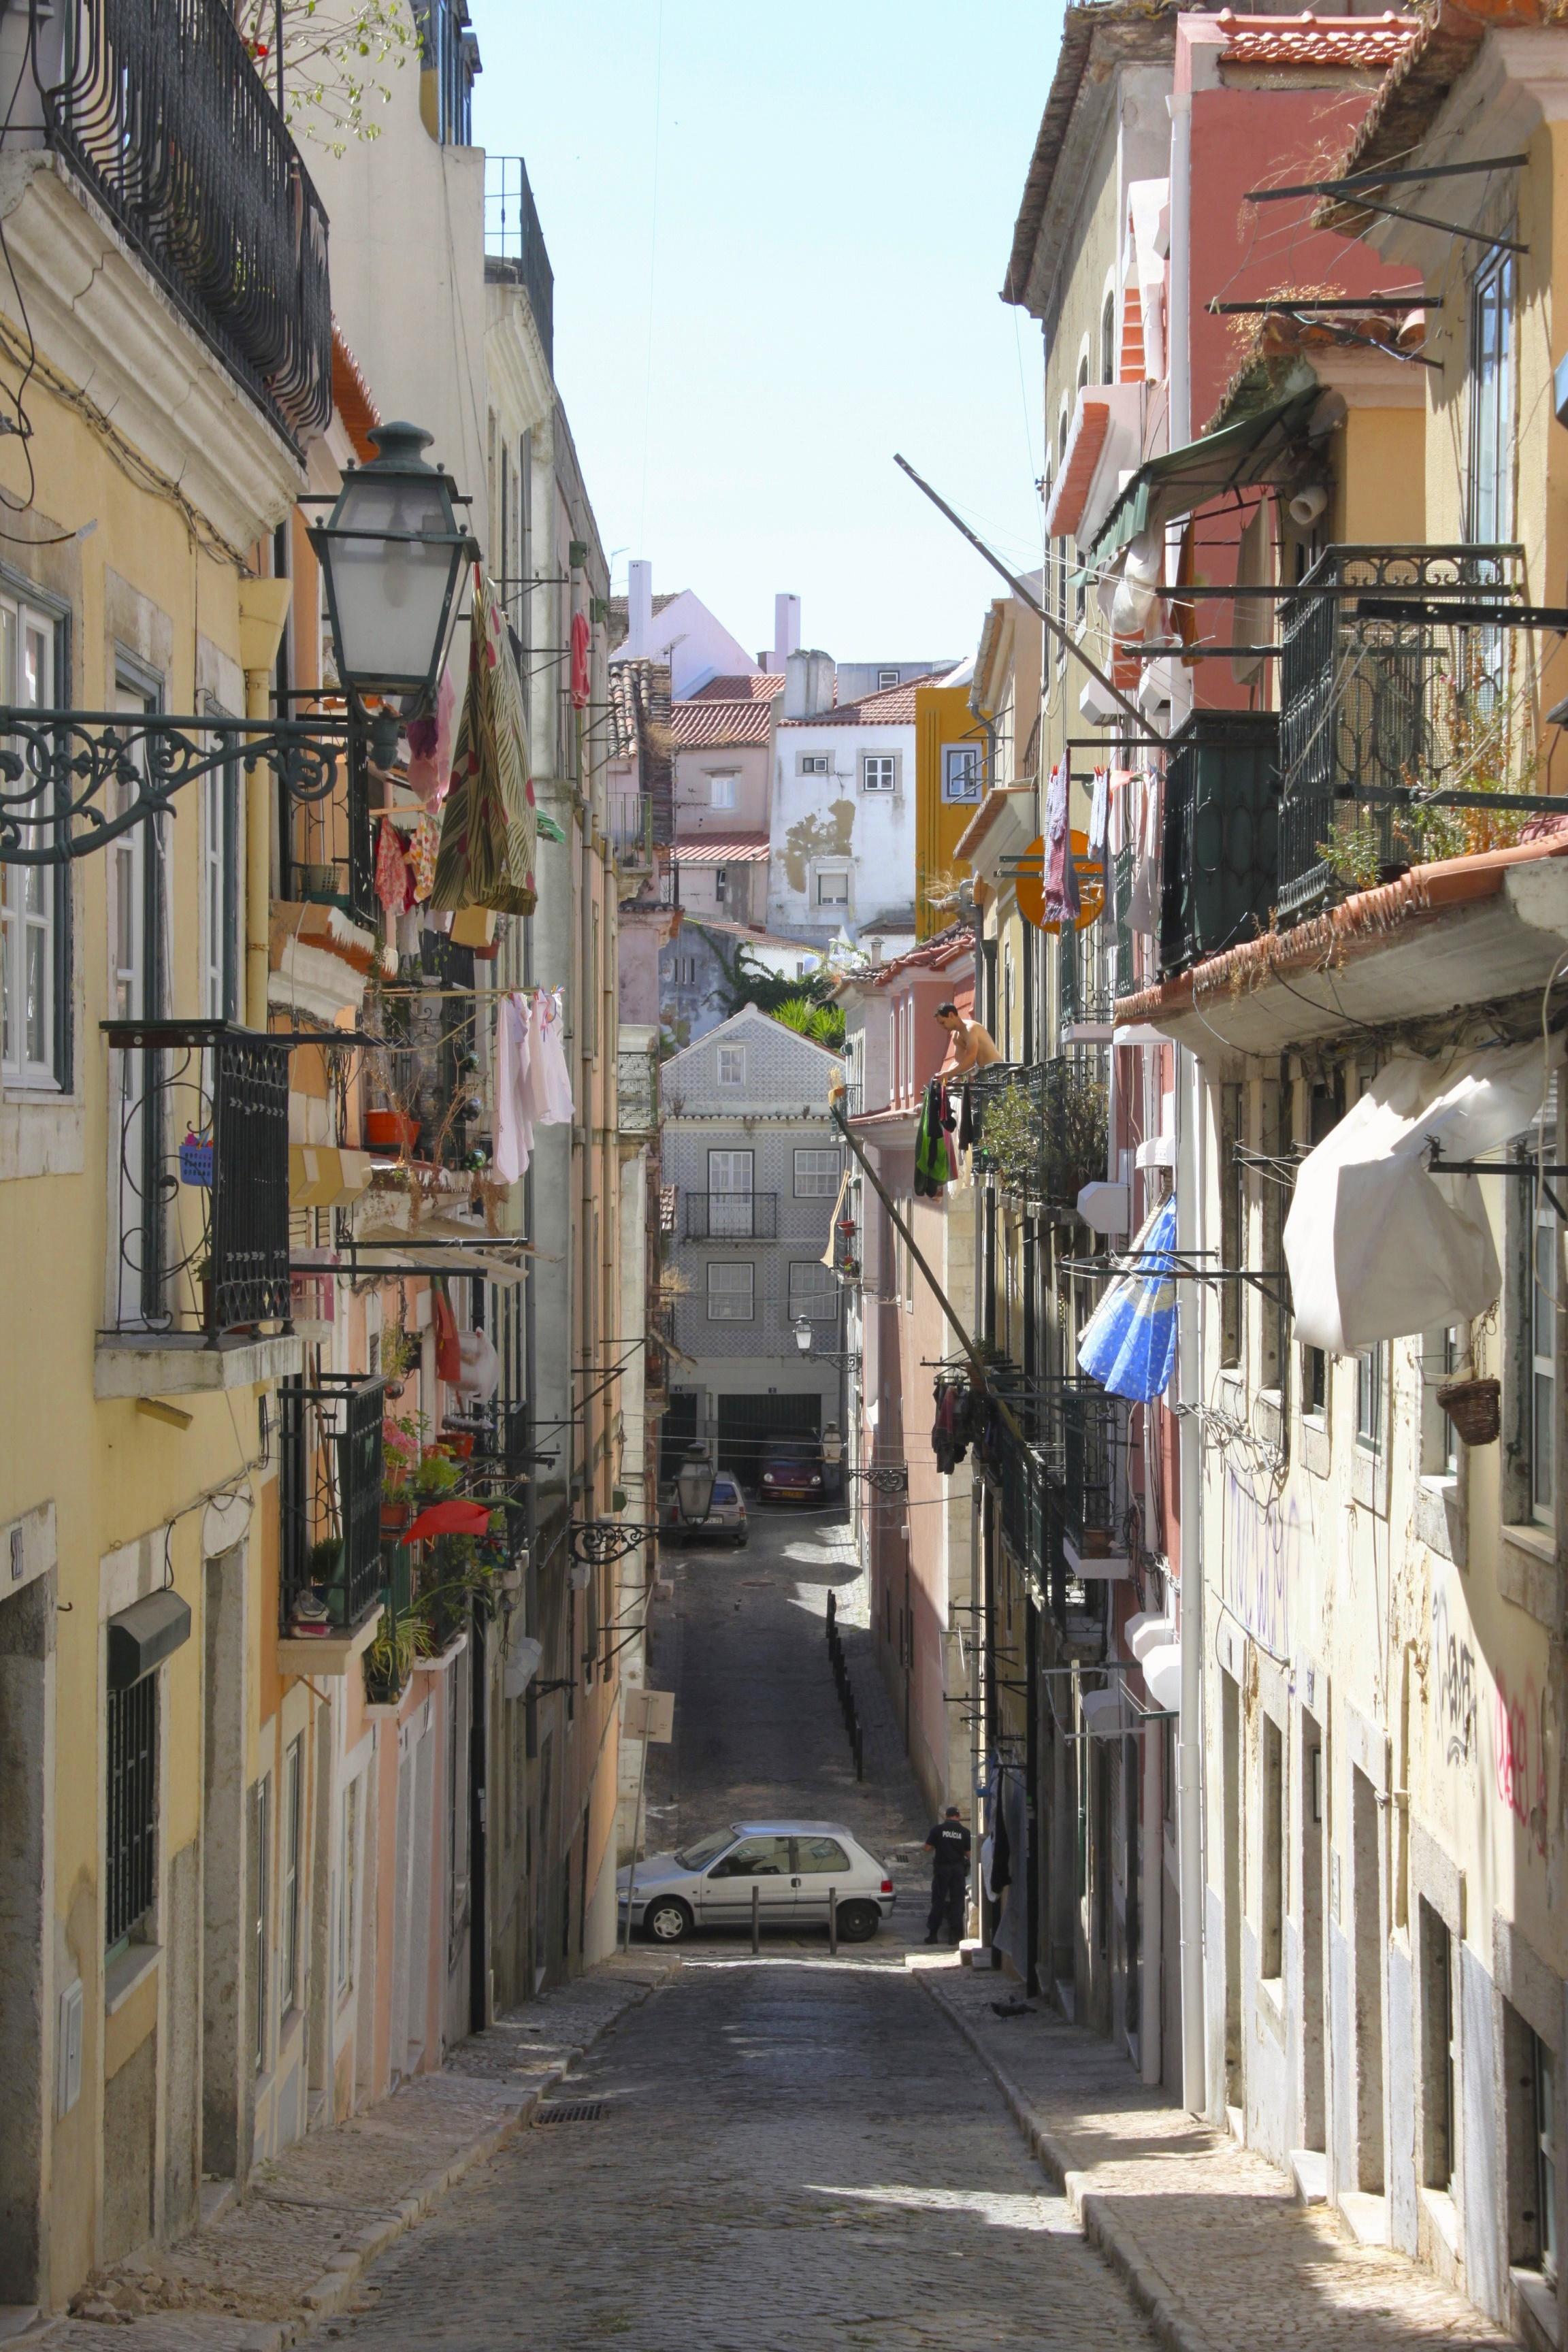 Lisbona è tutta così, i suoi vicoli ti abbracciano